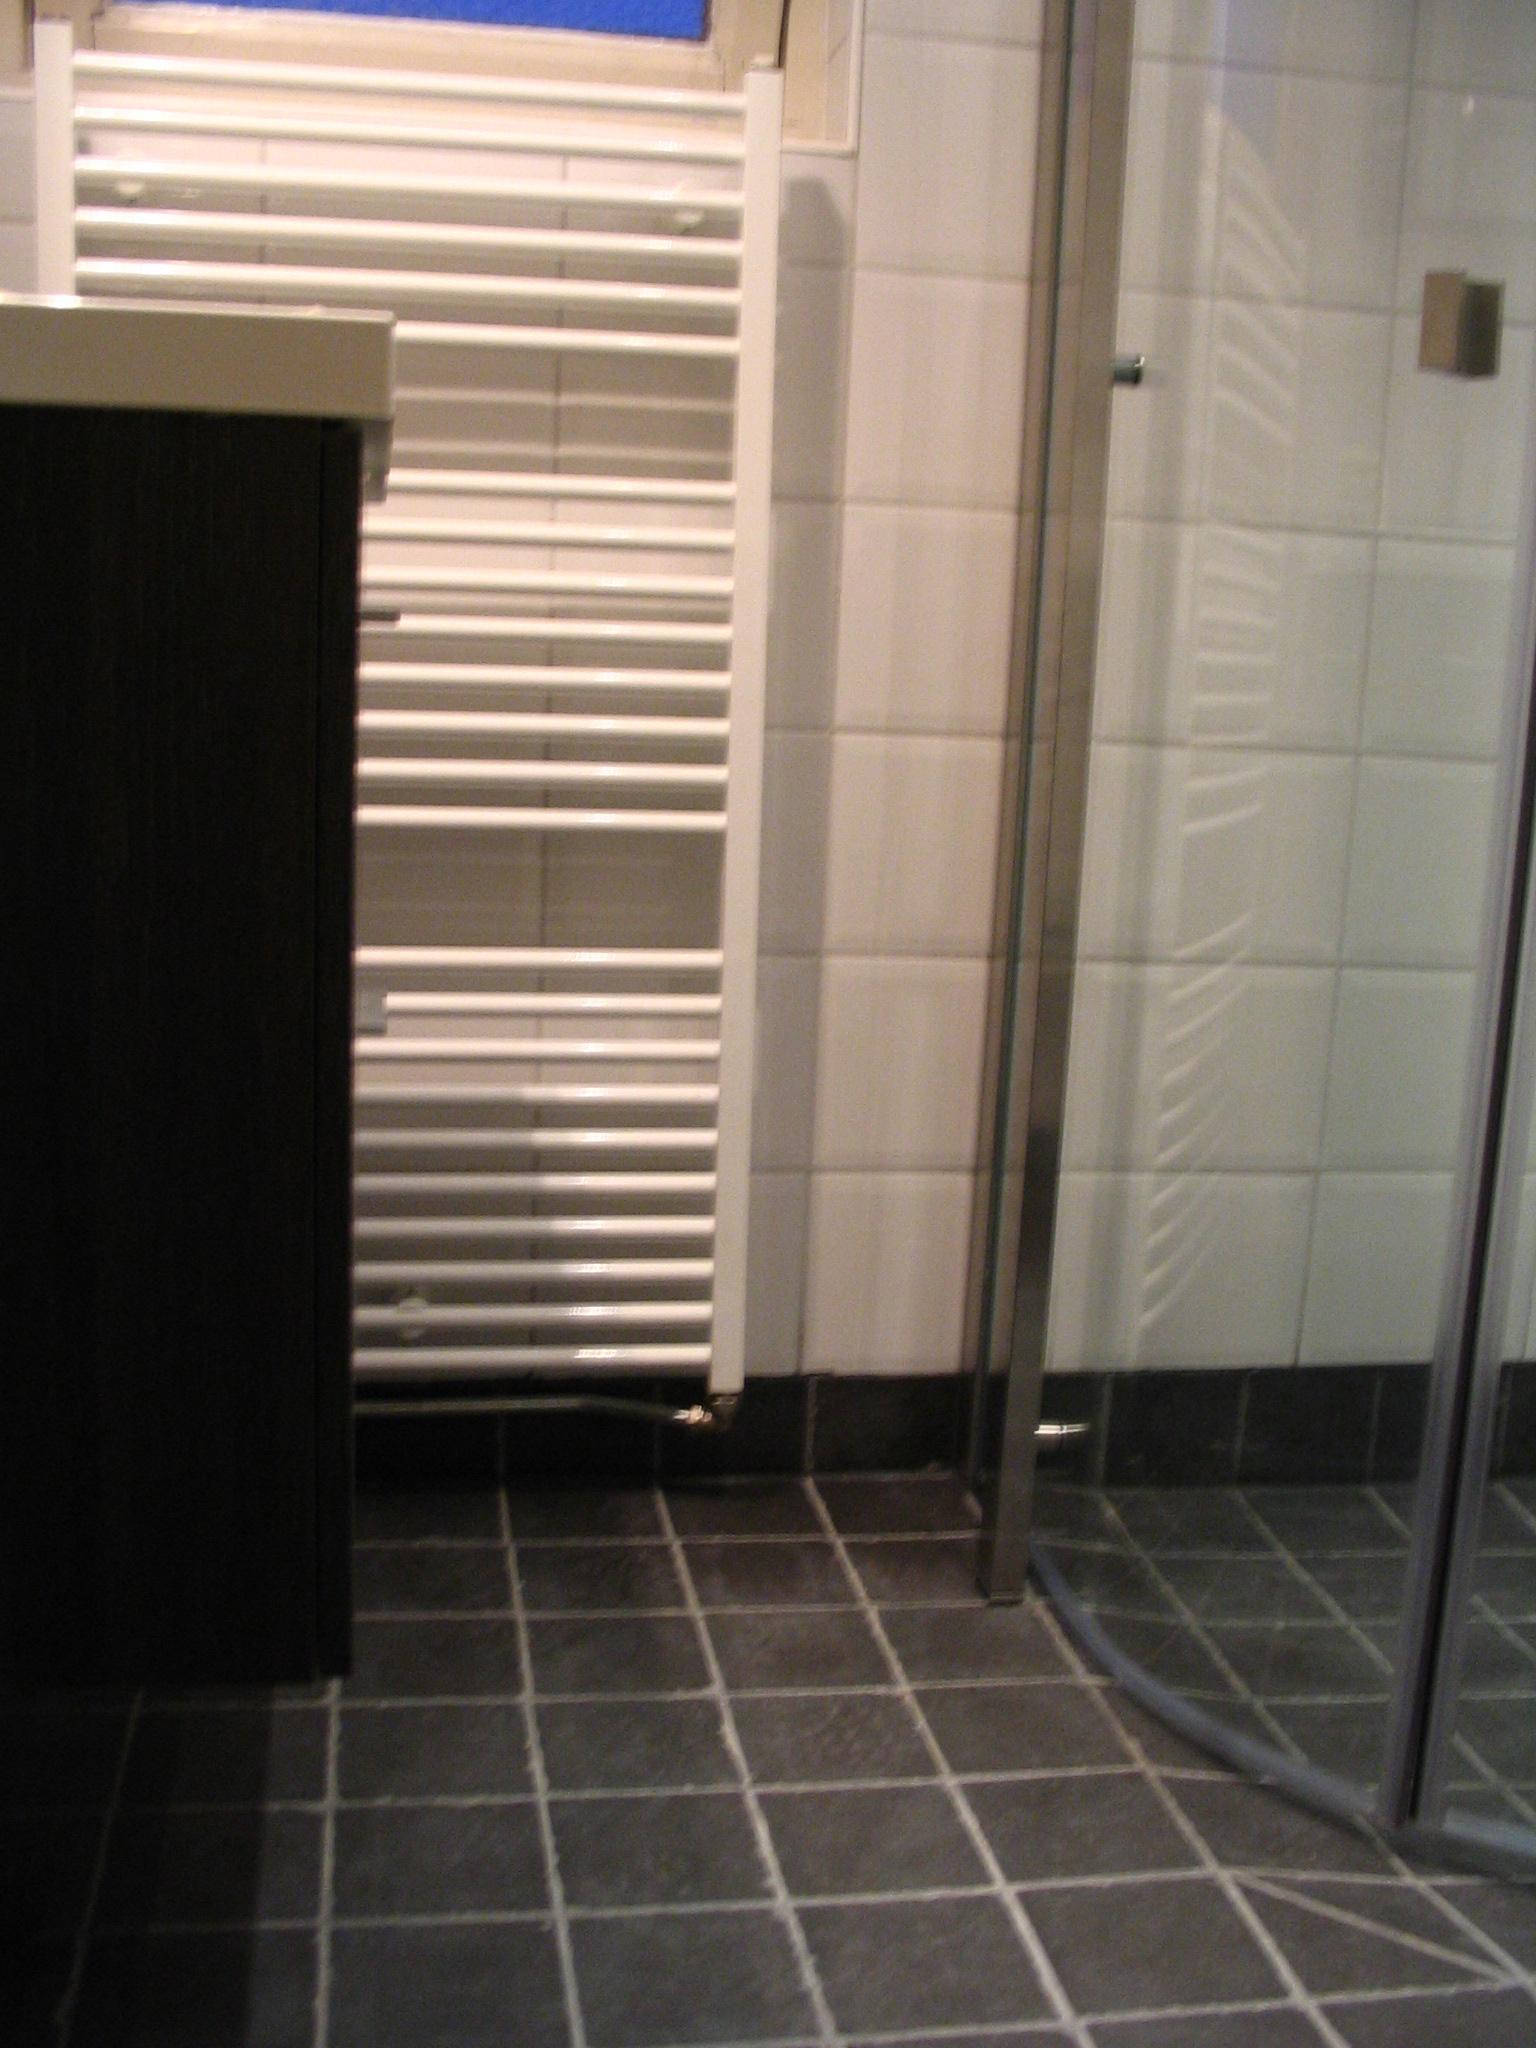 Designradiator enschede 125106 ontwerp inspiratie voor de badkamer en de kamer - Functionele badkamer ...